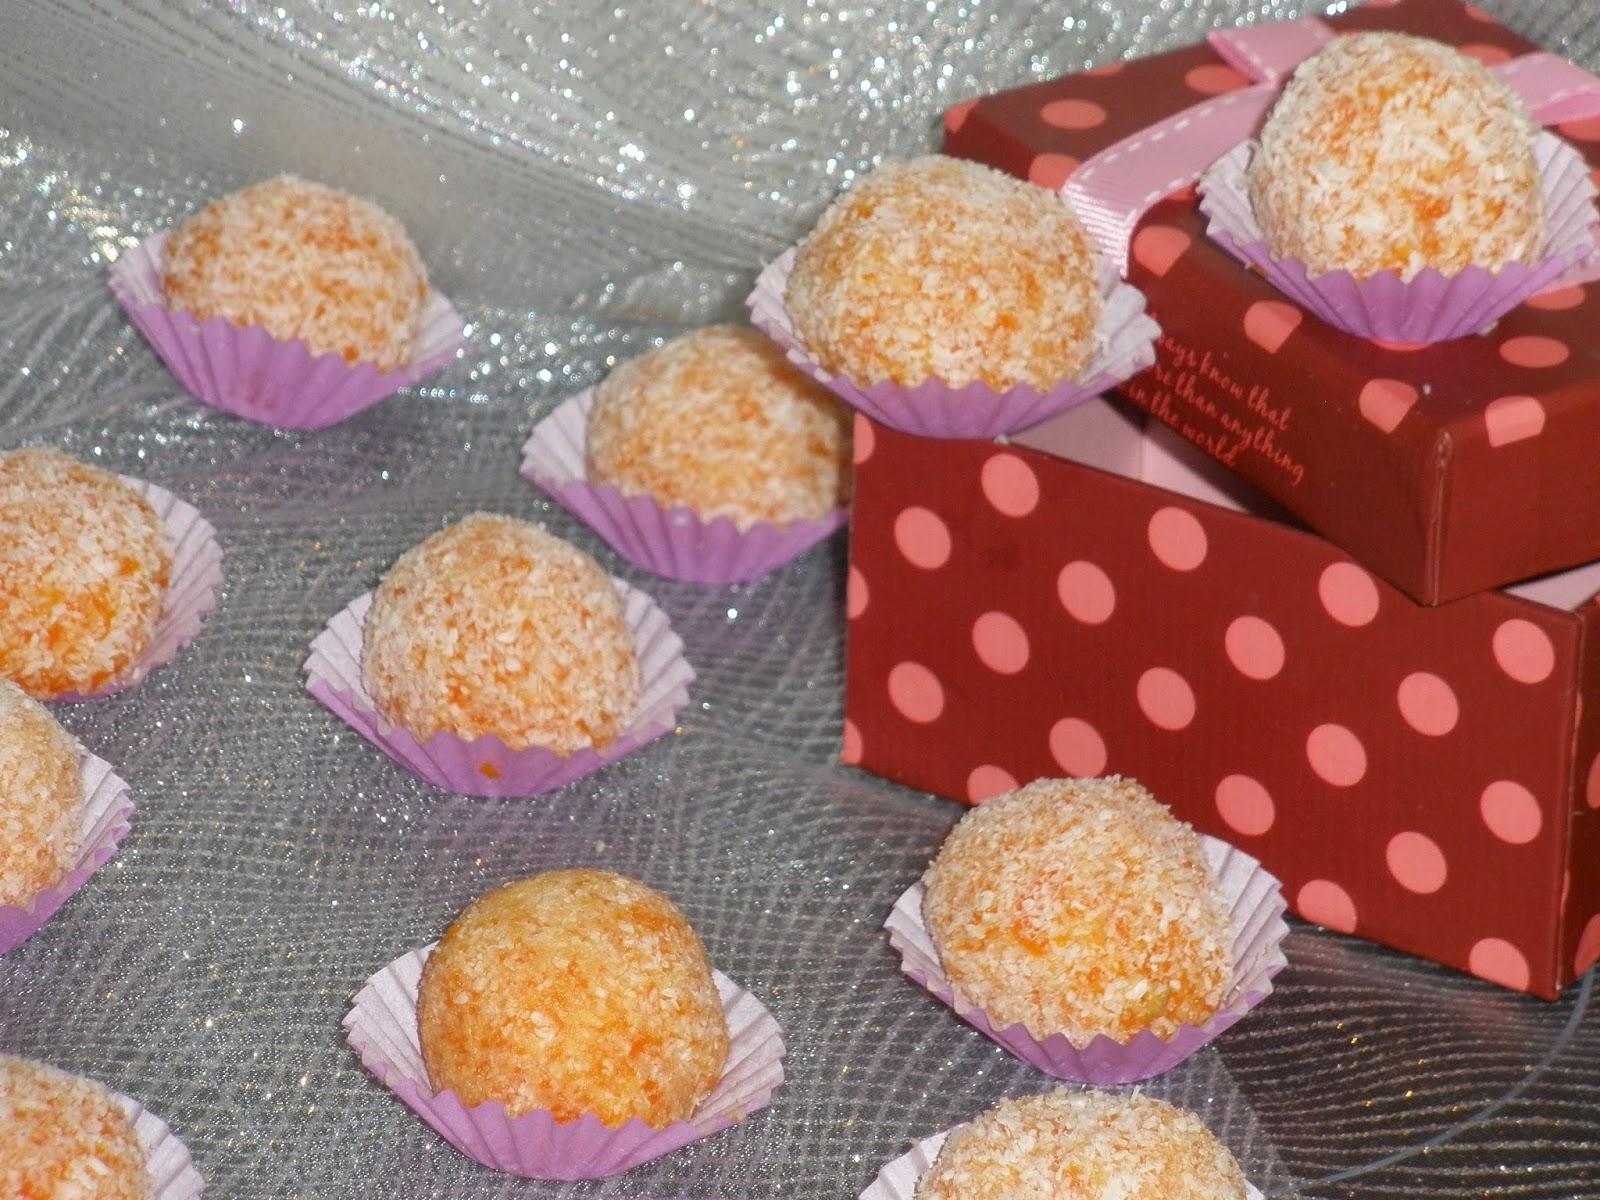 YEMAS DE ZANAHORIA Y COCO  Un bocadito dulce que puedes dejar preparado el día anterior y sorprenderá a todos.